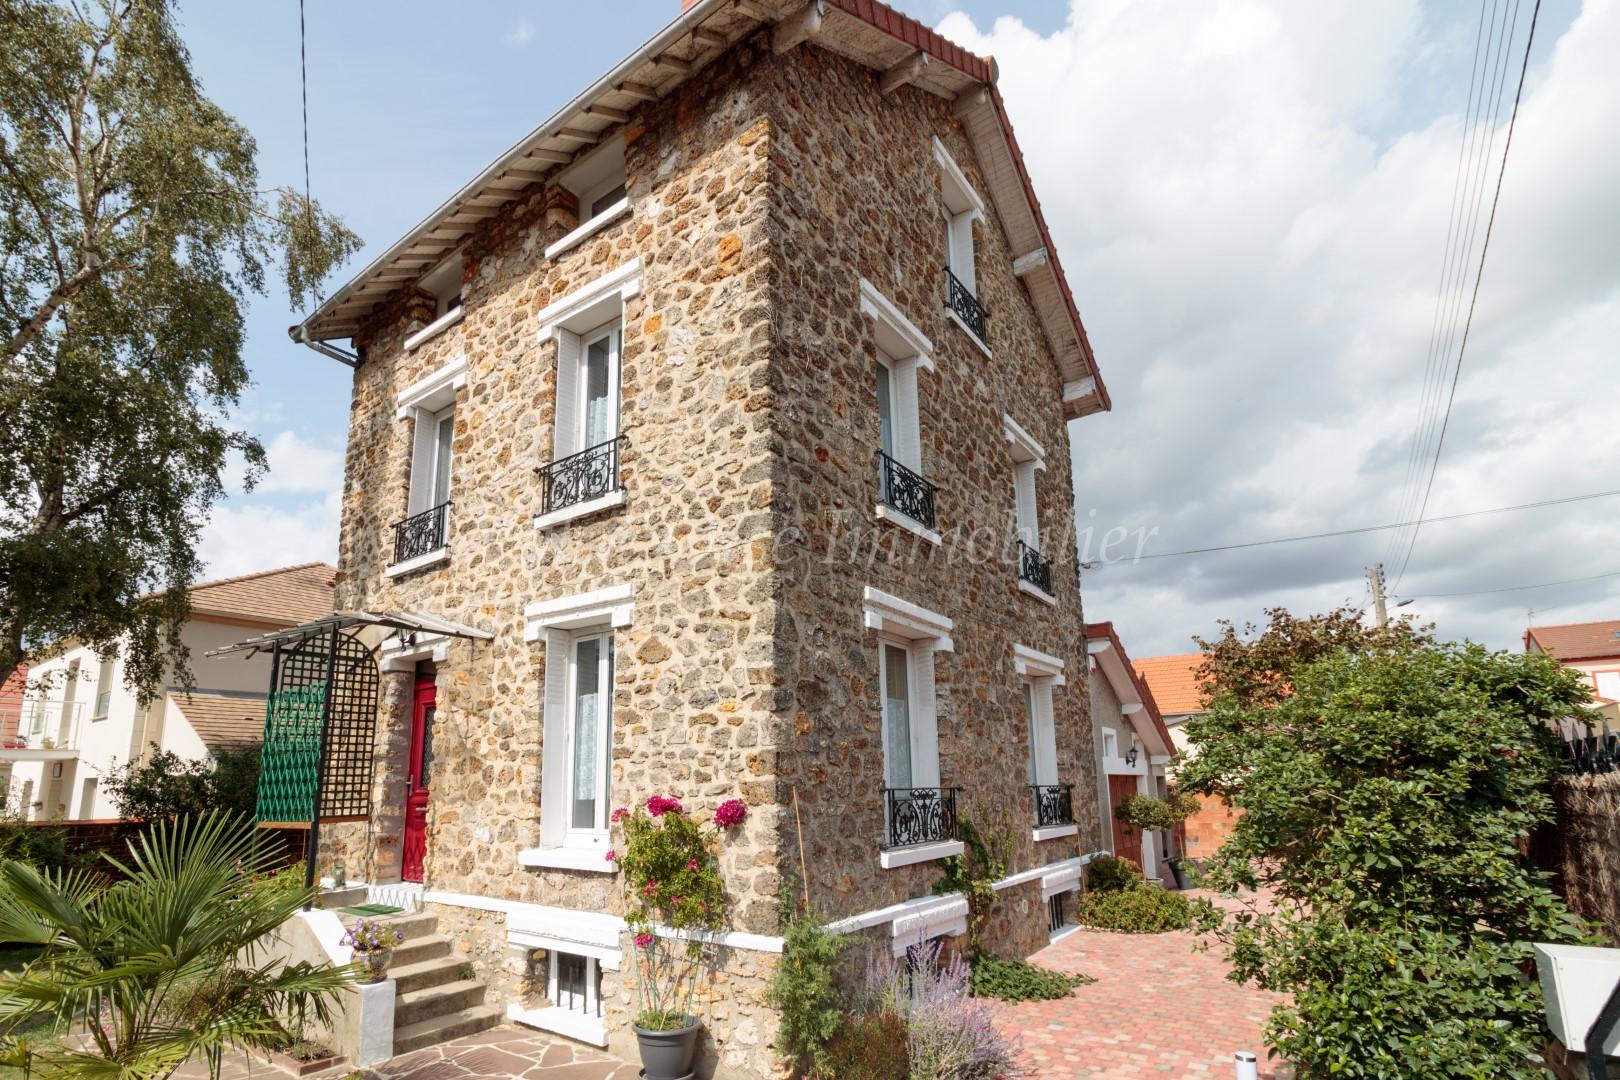 Maison 6 Pièces – Taverny – EXCLUSIVITE